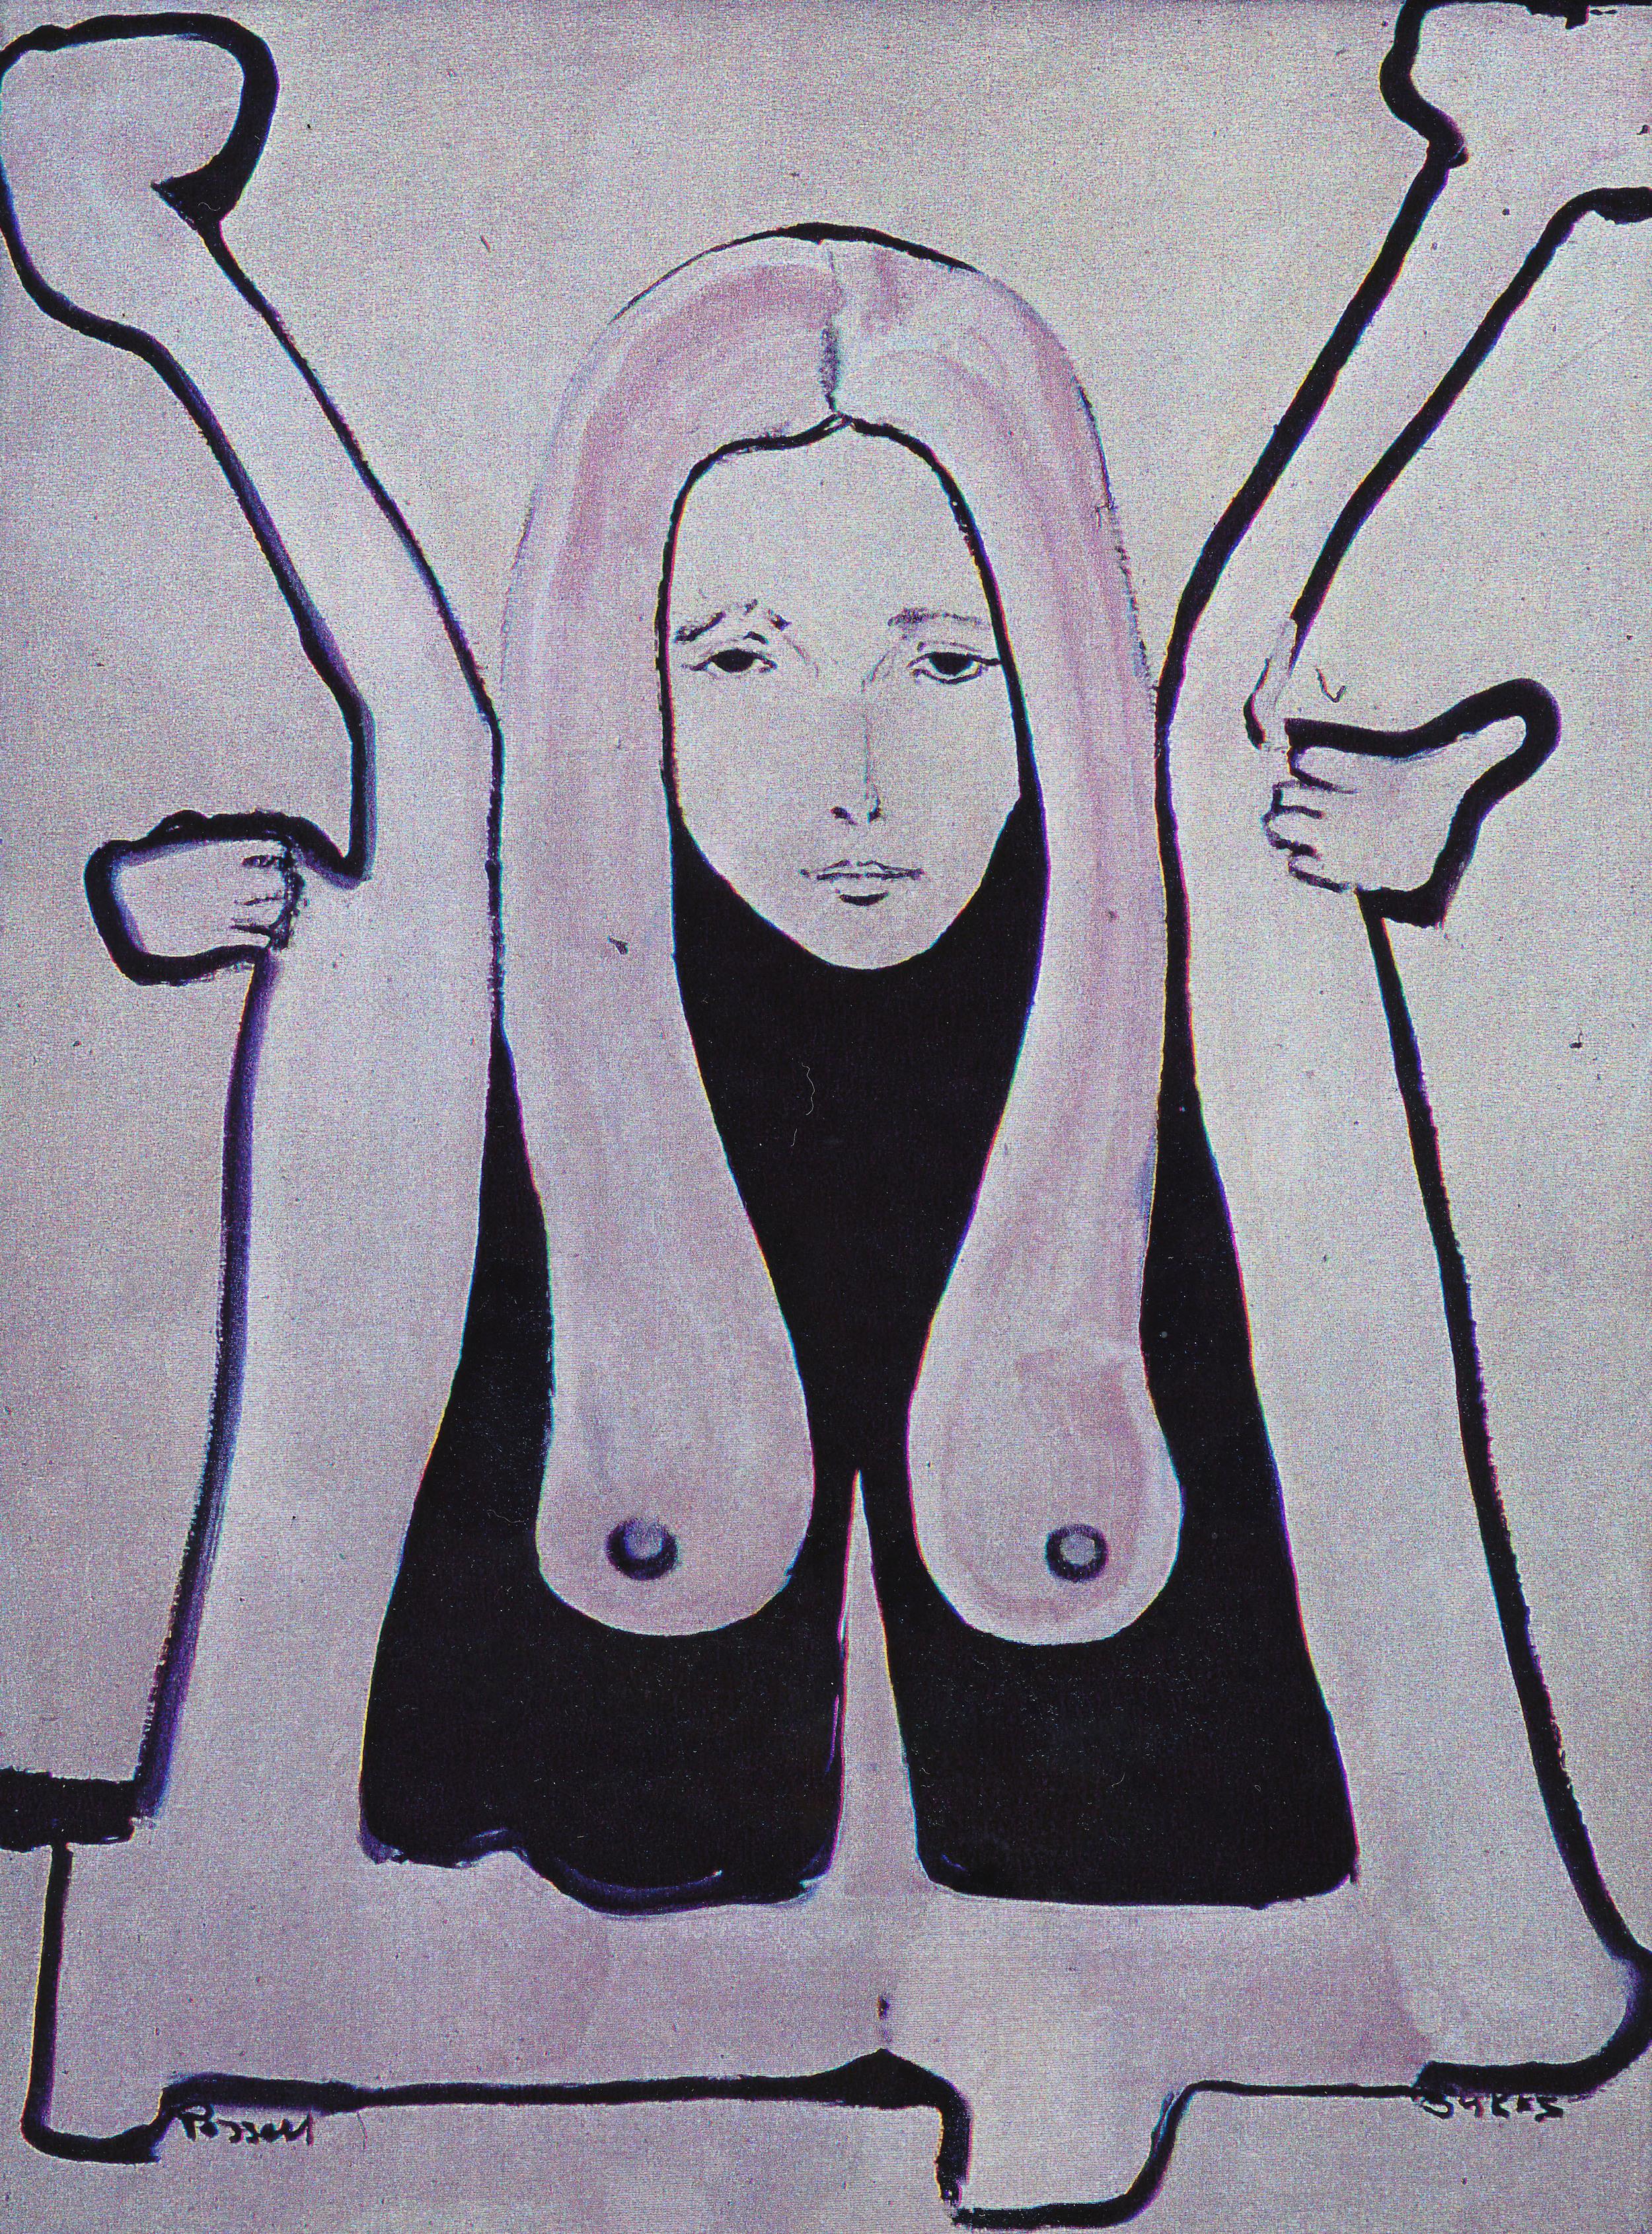 Sittin' Nude - 1976